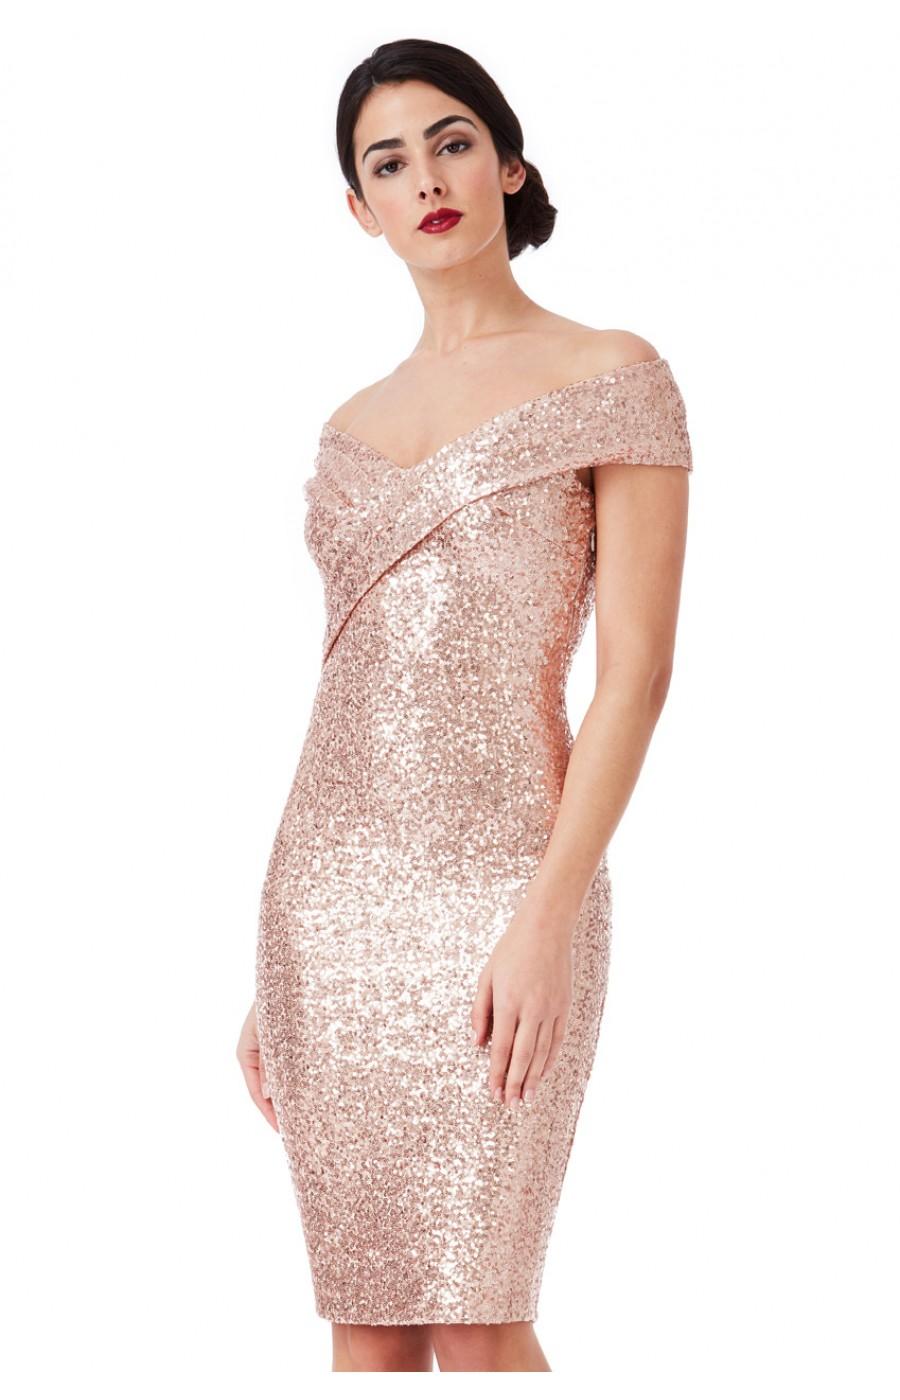 Ροζ-χρυσό μίντι φόρεμα με παγιετες